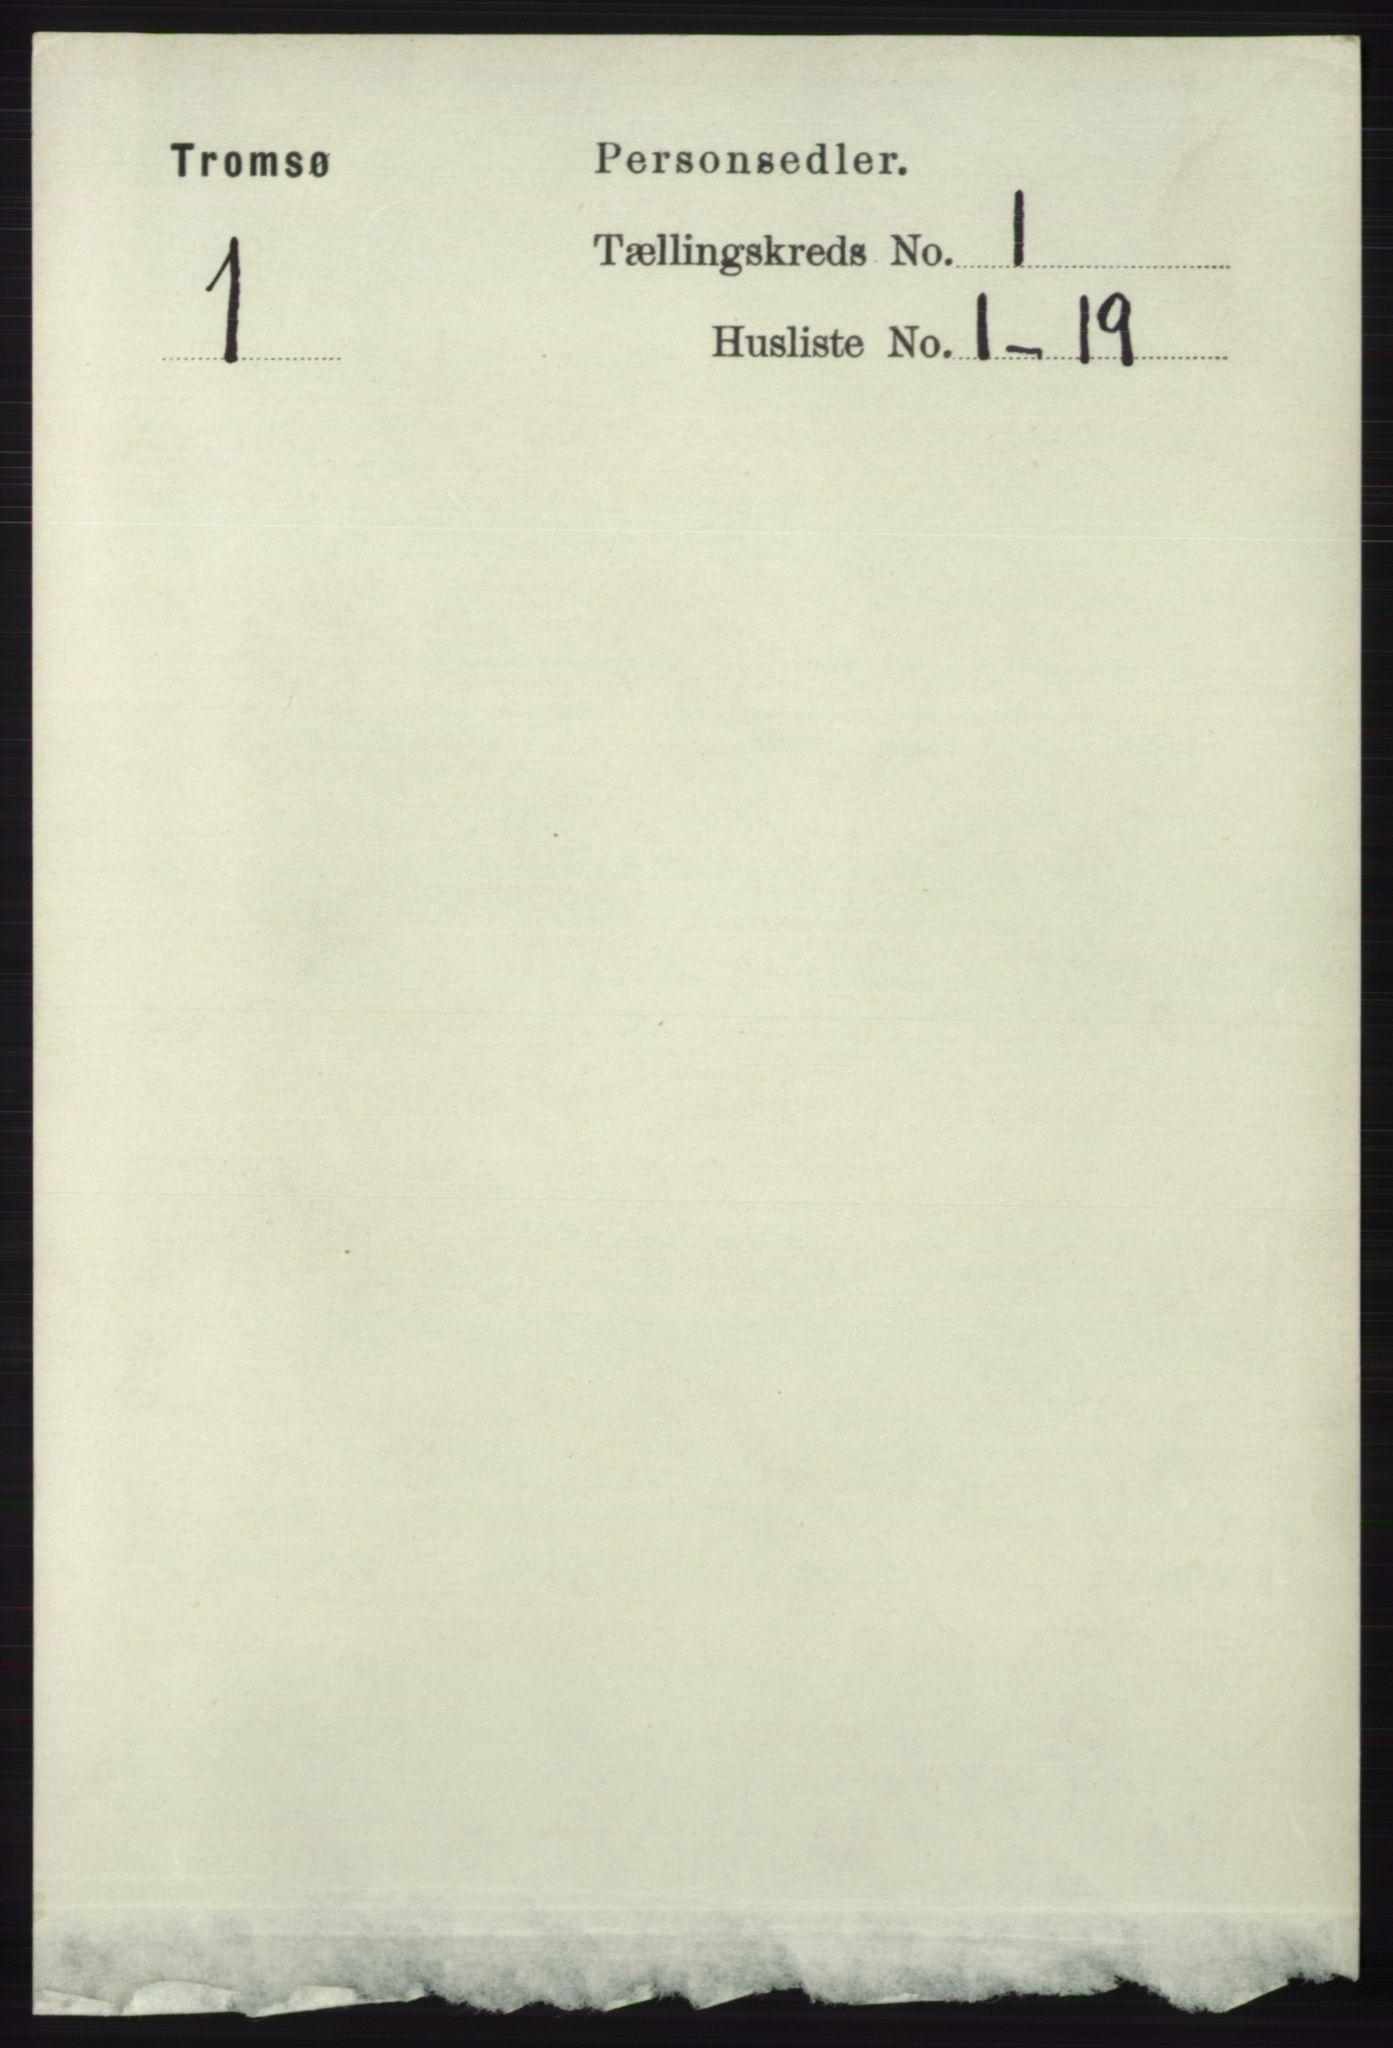 RA, Folketelling 1891 for 1902 Tromsø kjøpstad, 1891, s. 290